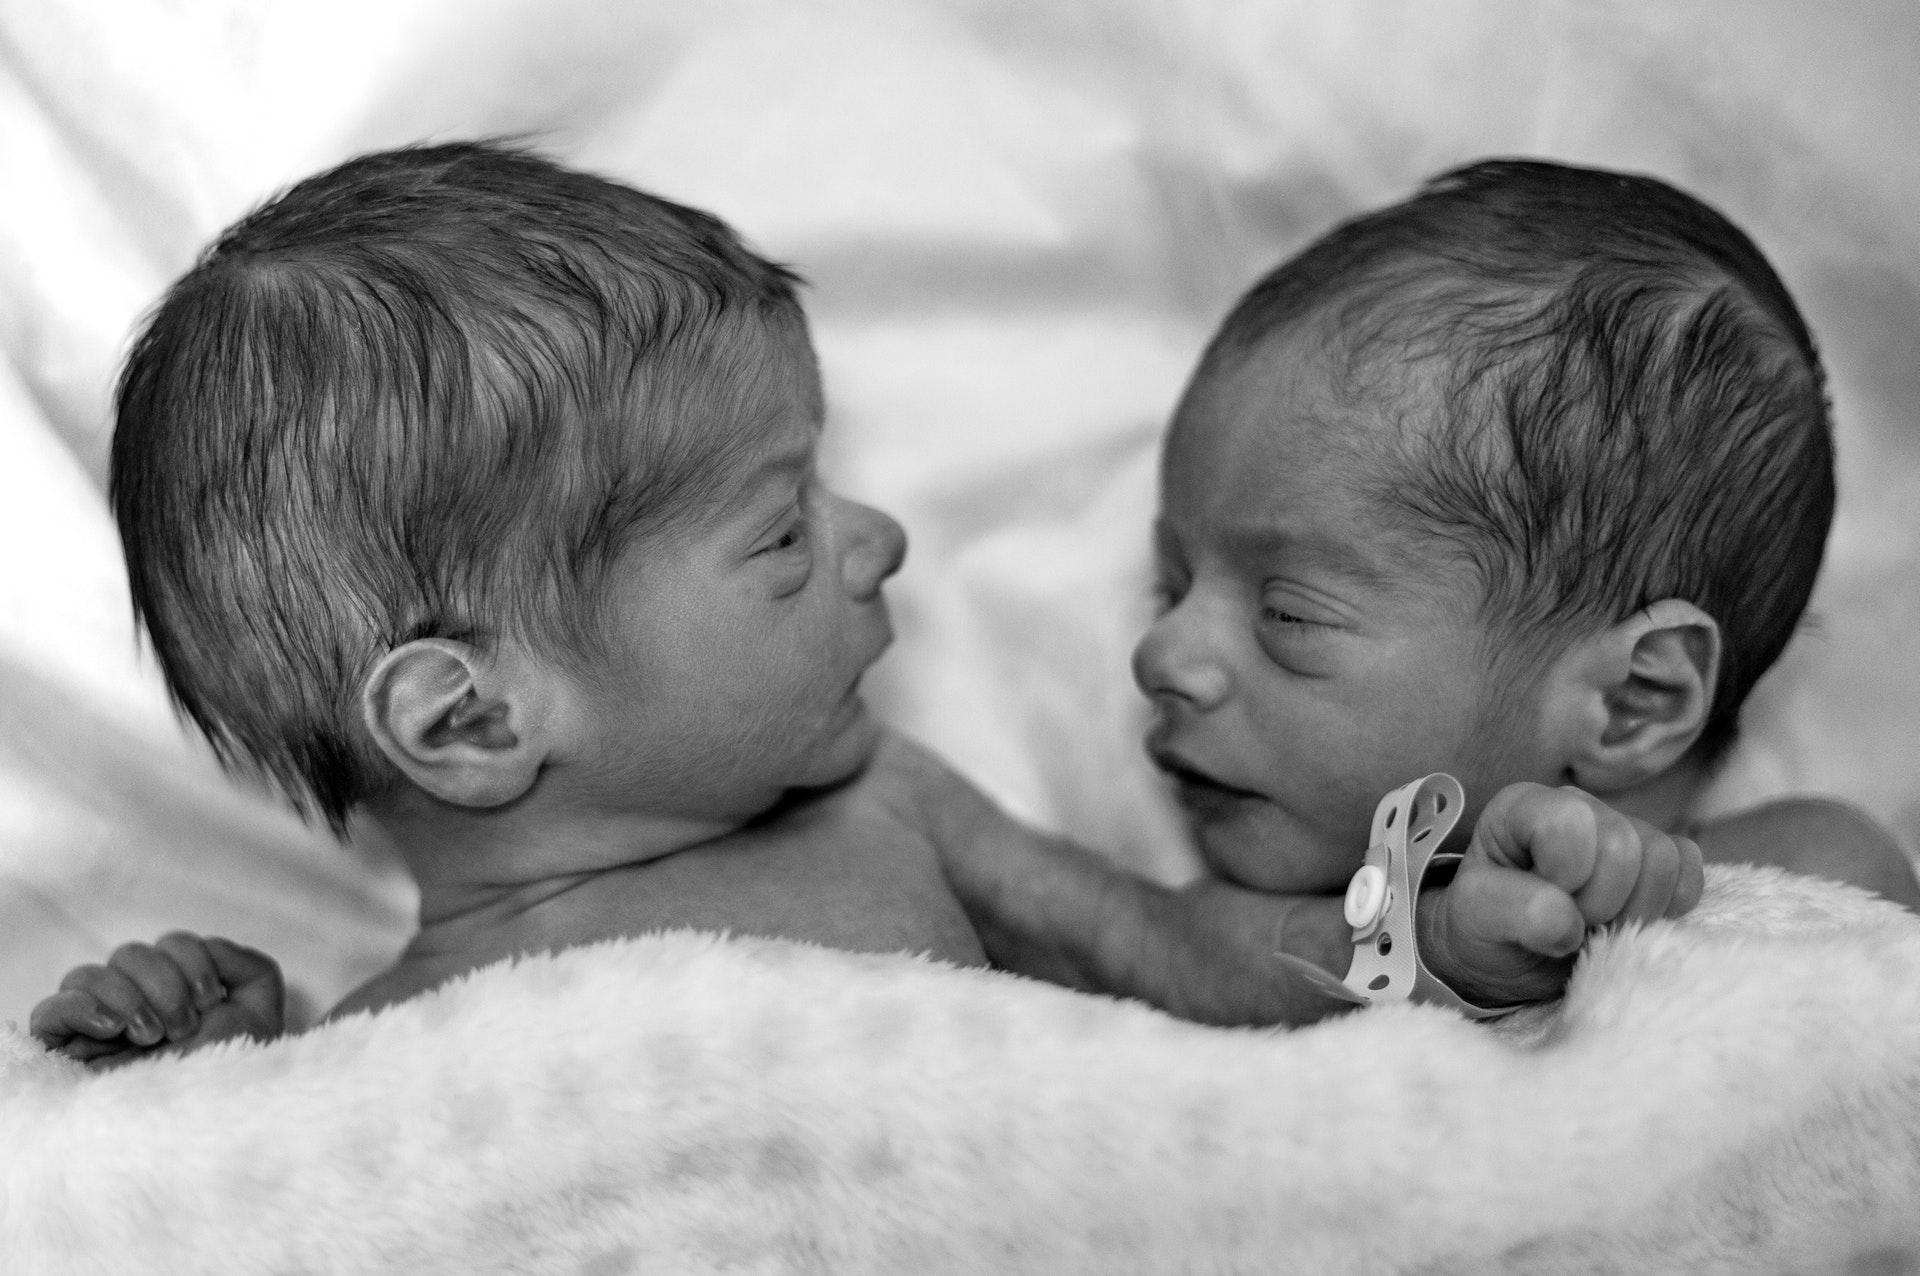 gêmeos pais diferentes